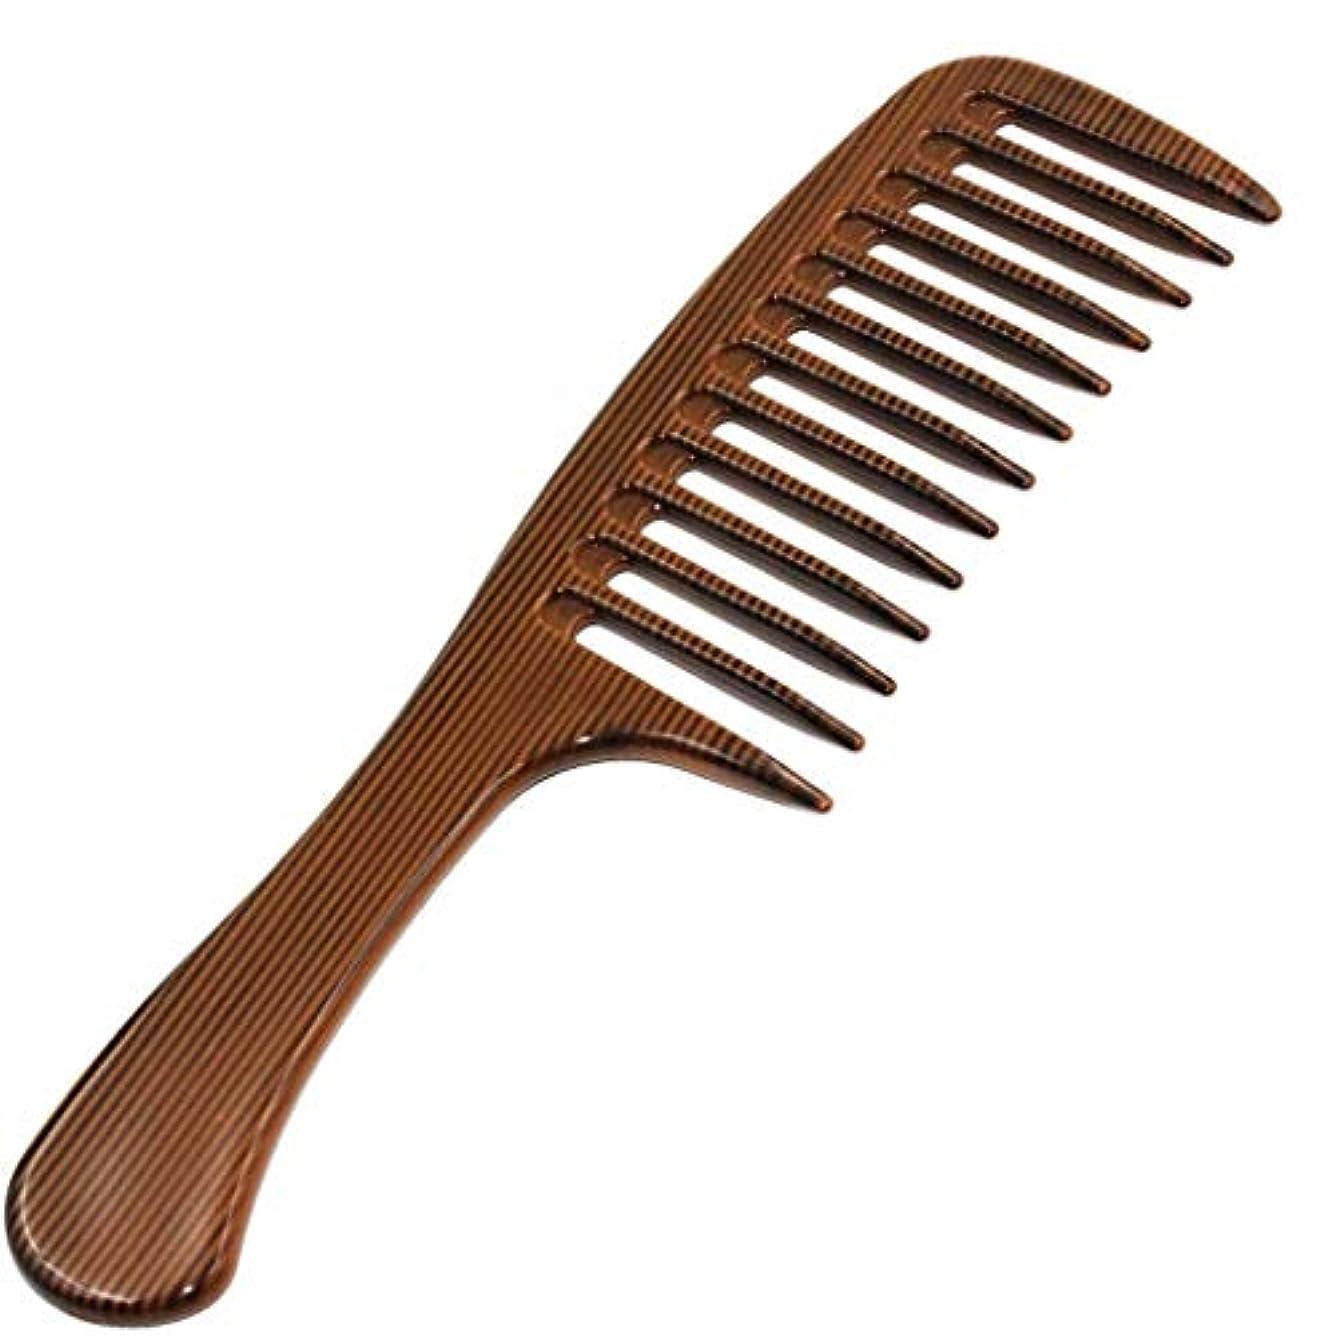 思いつくシマウマ筋肉のホームと旅行ヘアーサロンのために手作りの帯電防止木材くしワイド歯カーリーもつれくし